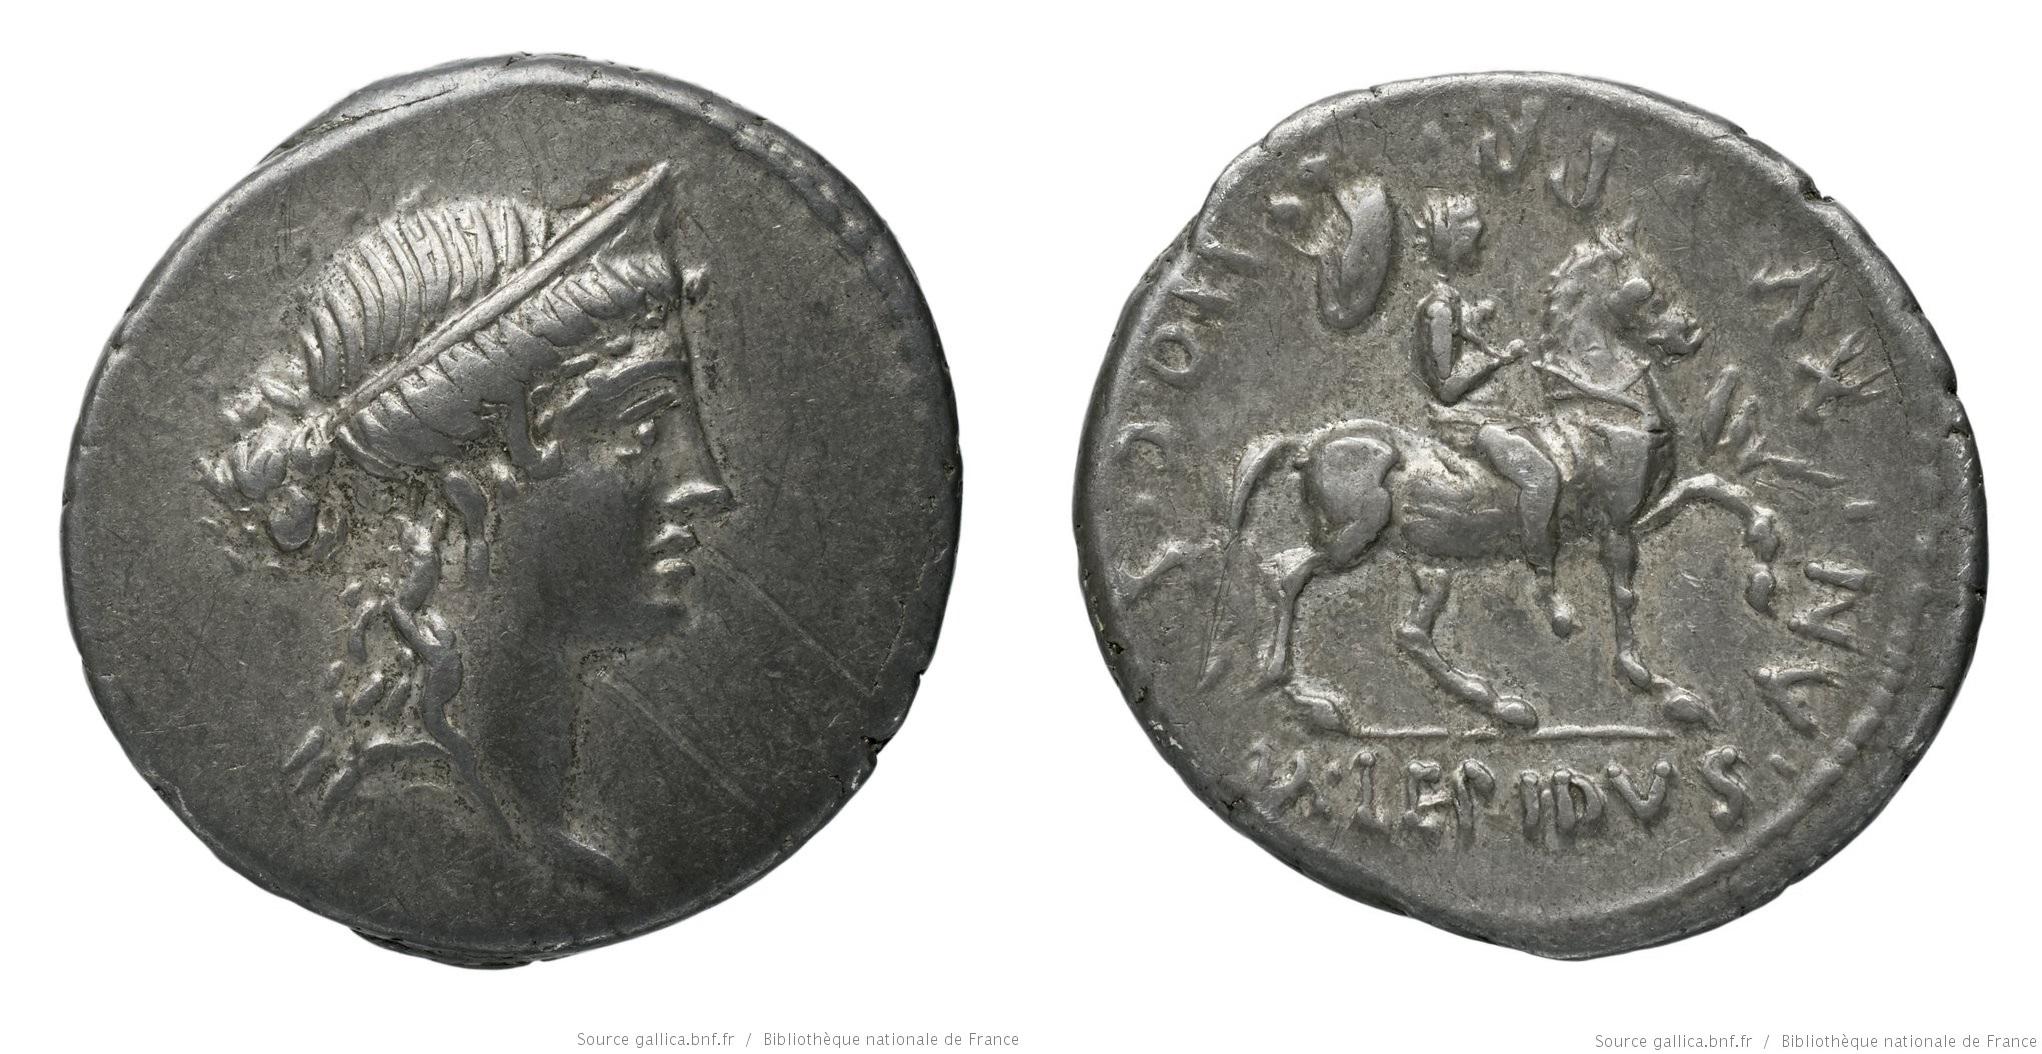 1380AE – Denier Aemilia – Marcus Æmilius Lepidus